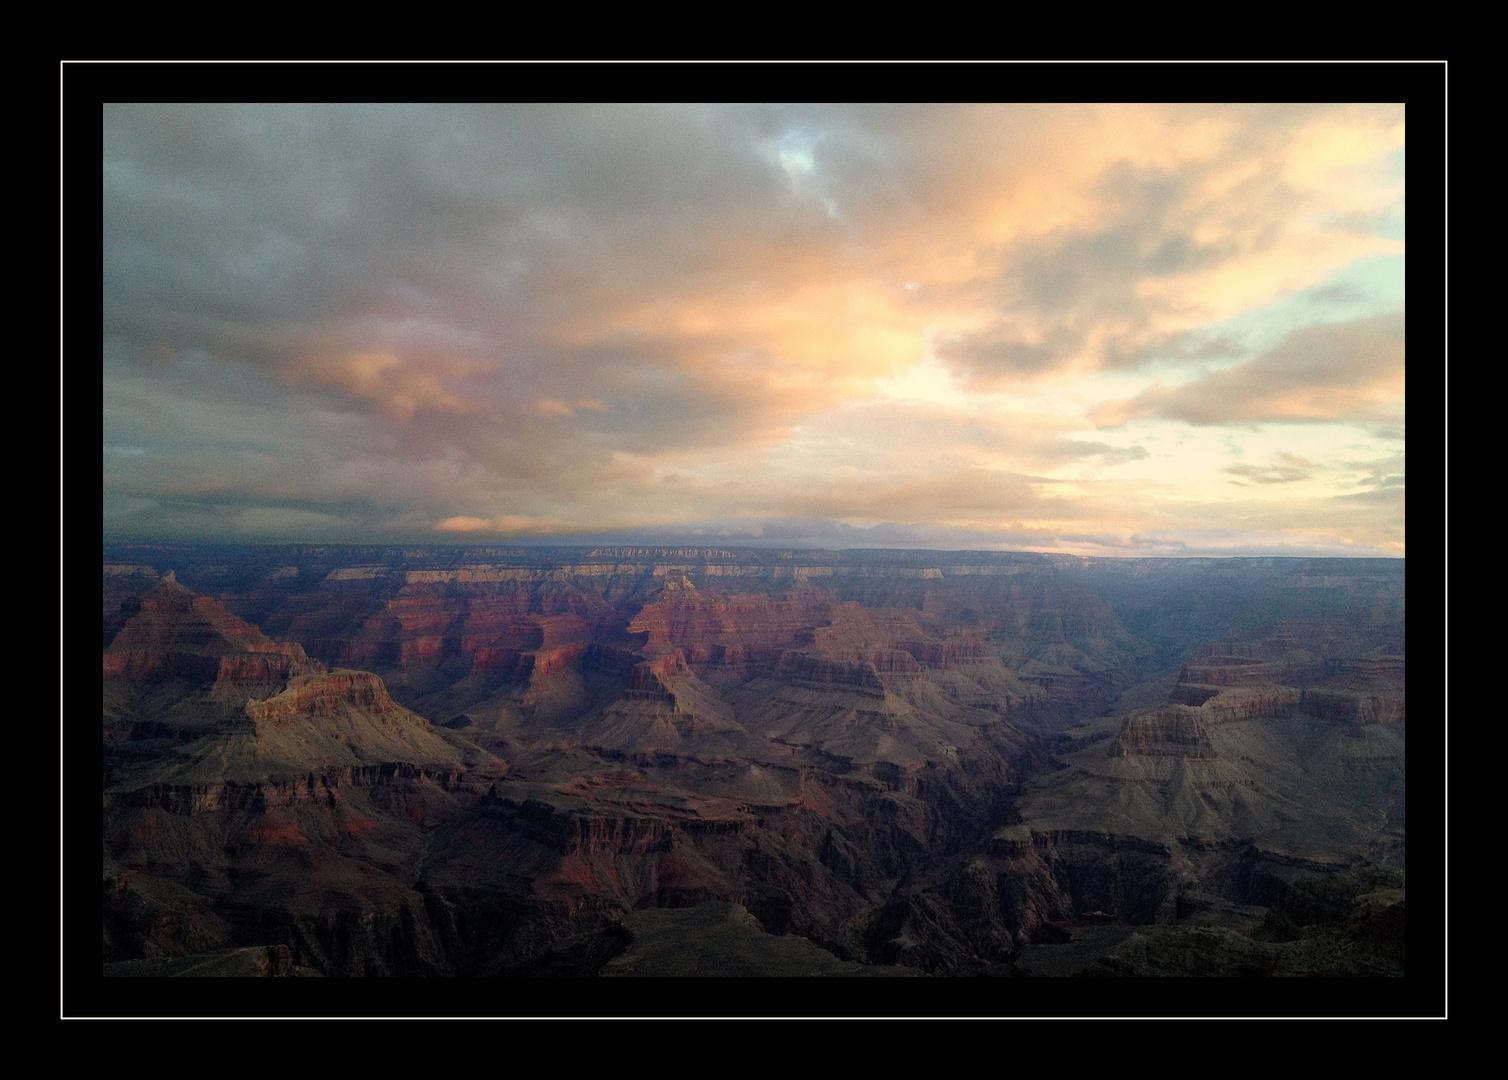 Sonnenaufgang am GrandCanyon das xTe